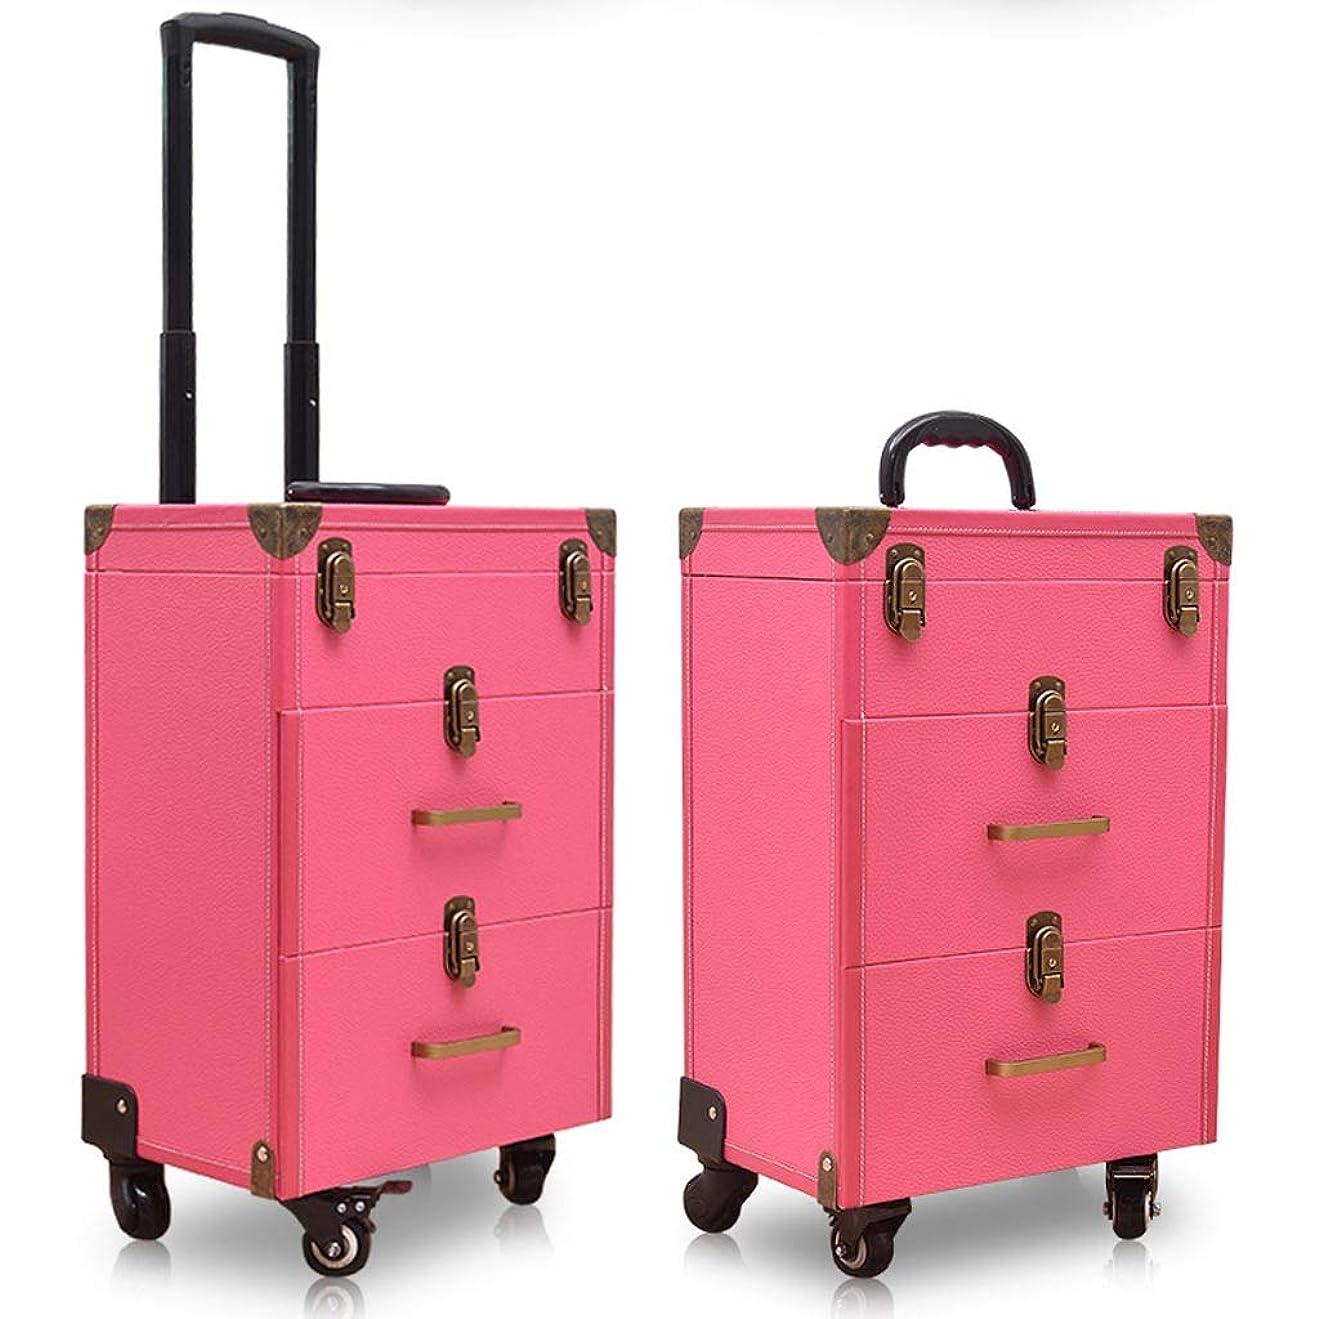 地域のビル居心地の良いトロリー化粧品ケース、三層レトロロックタイプワンピース美容メイクトロリーケース、携帯旅行化粧品ケース、2引き出し付き